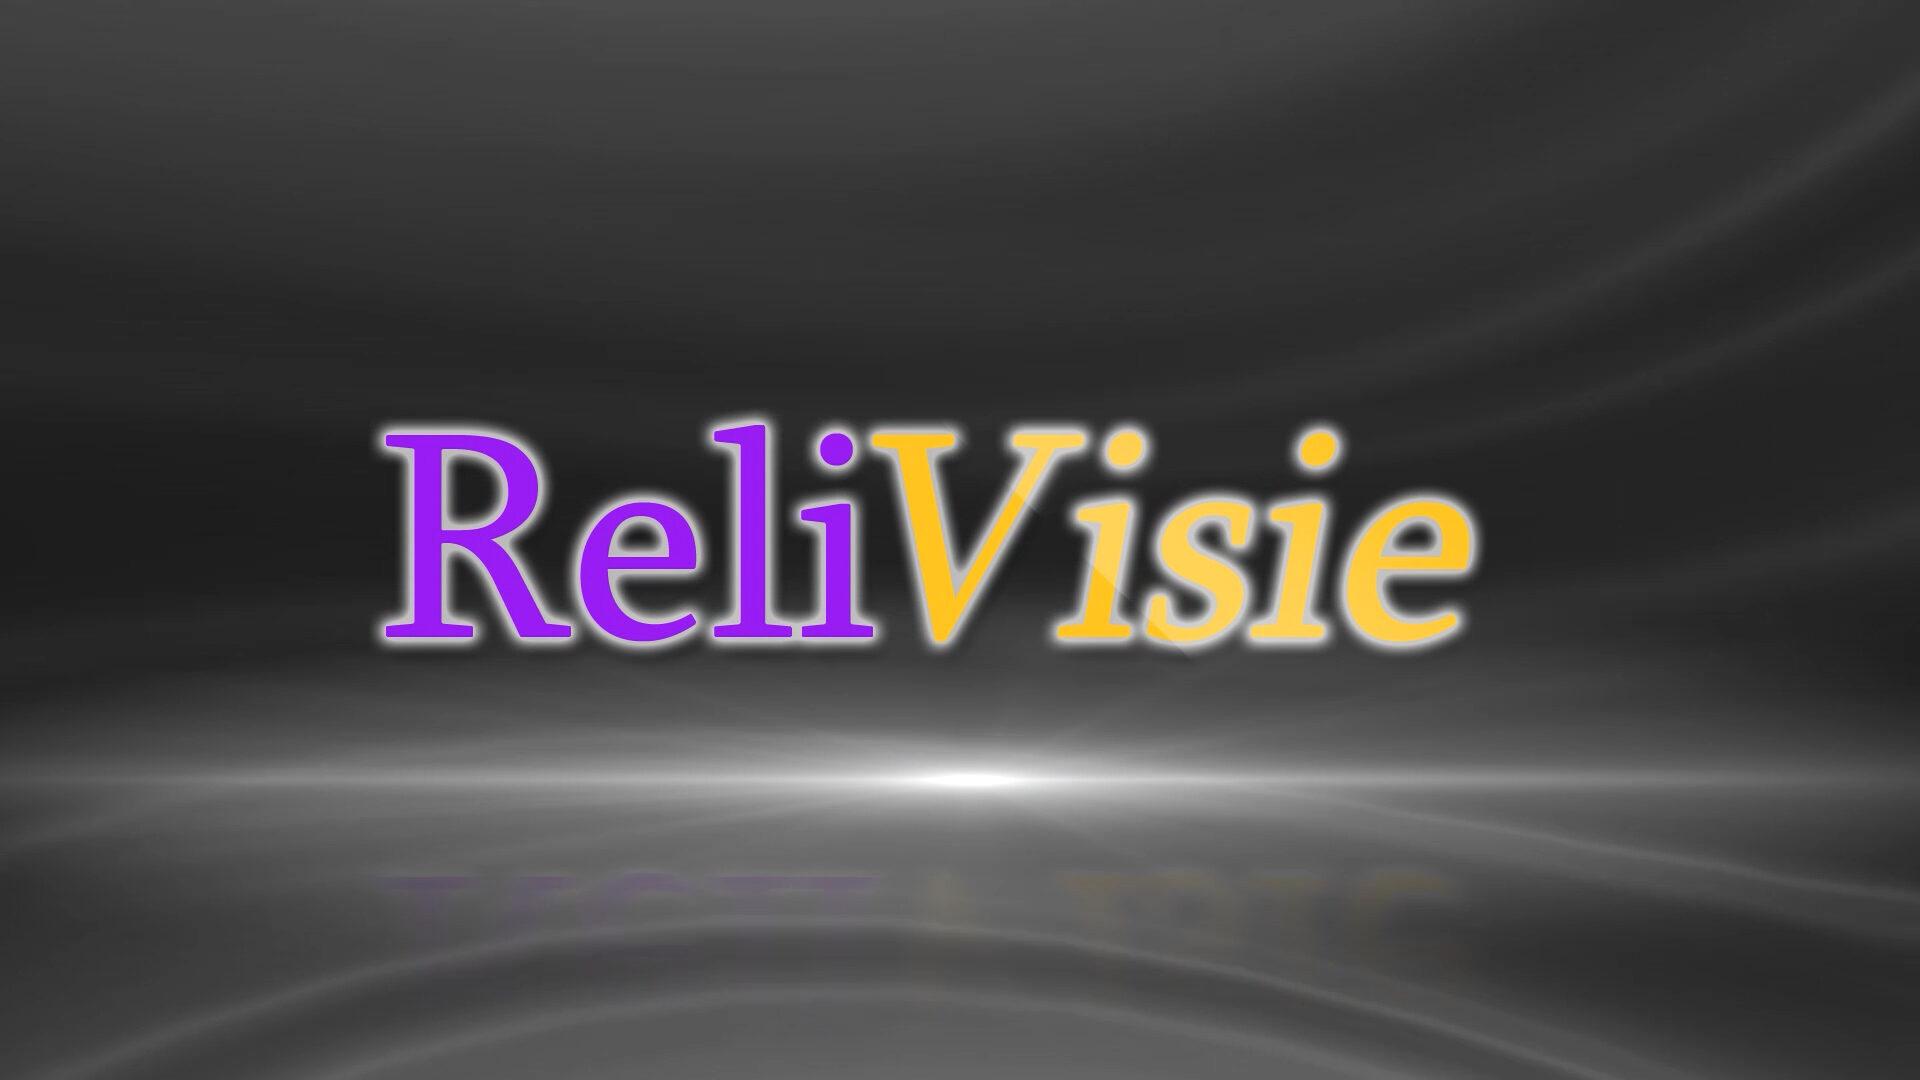 ReliVisie logo